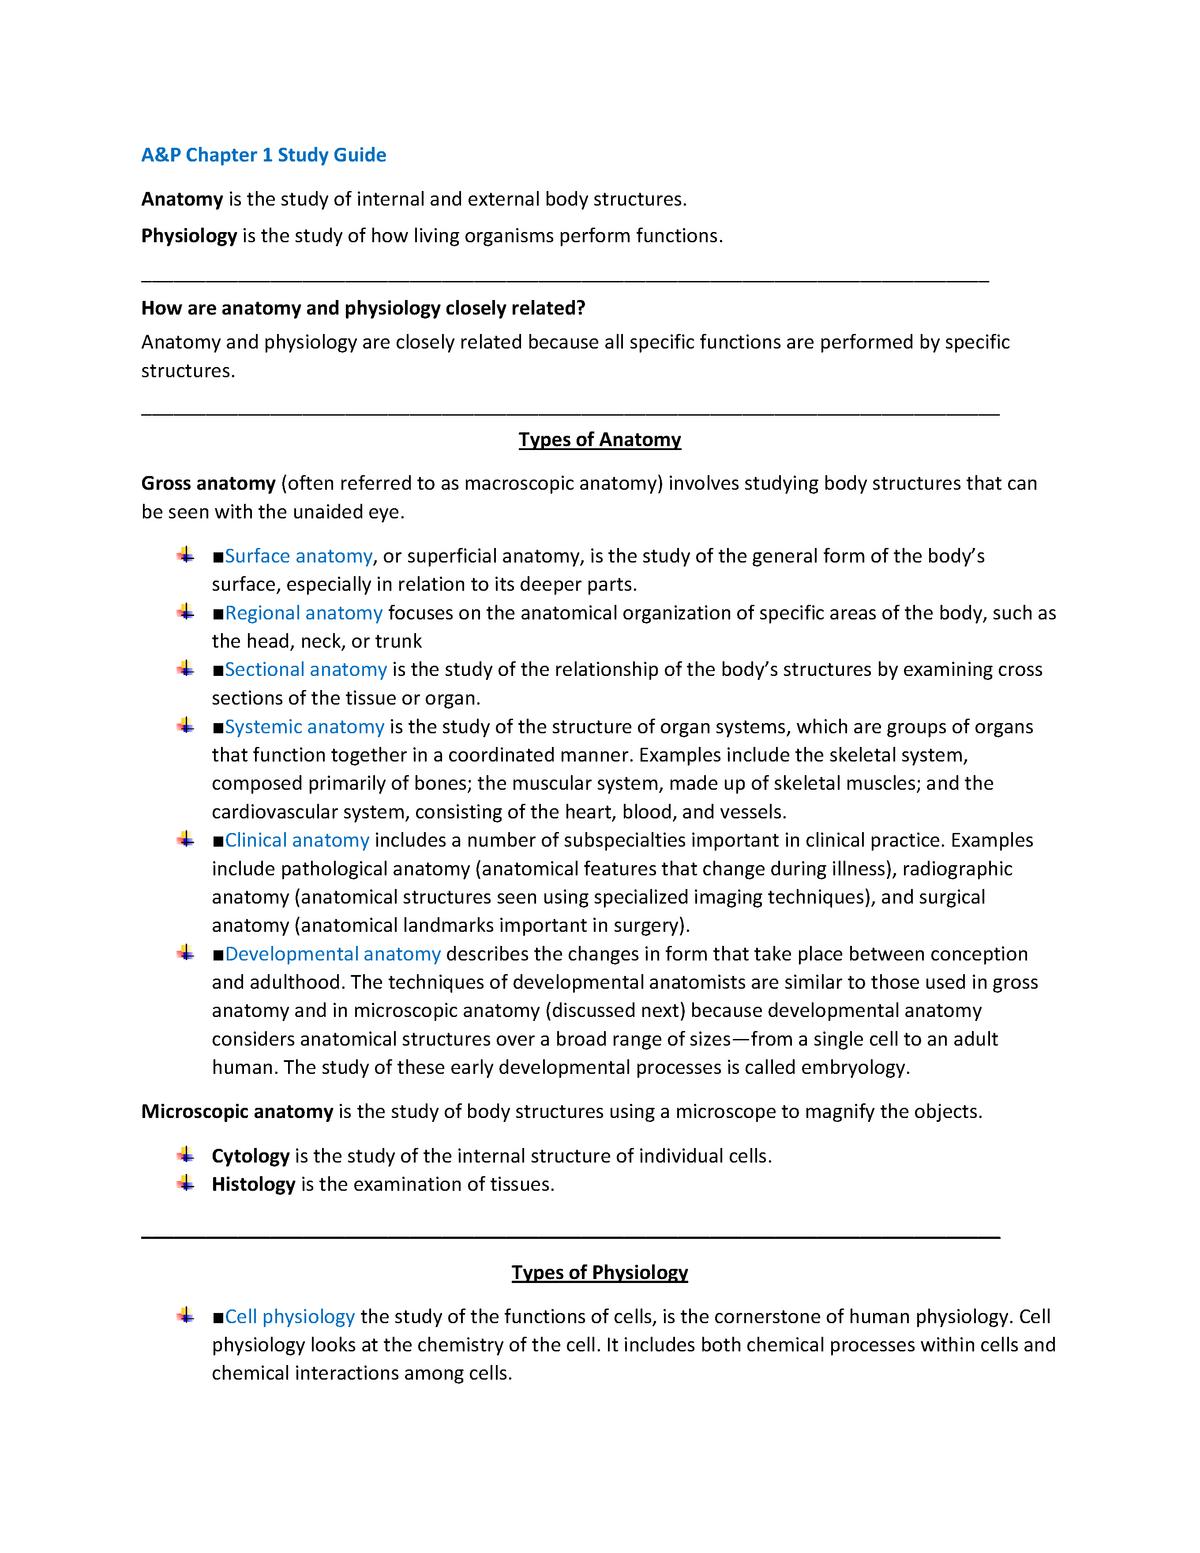 AP Exam 1 Study Guide - BIOL 114 - StuDocu